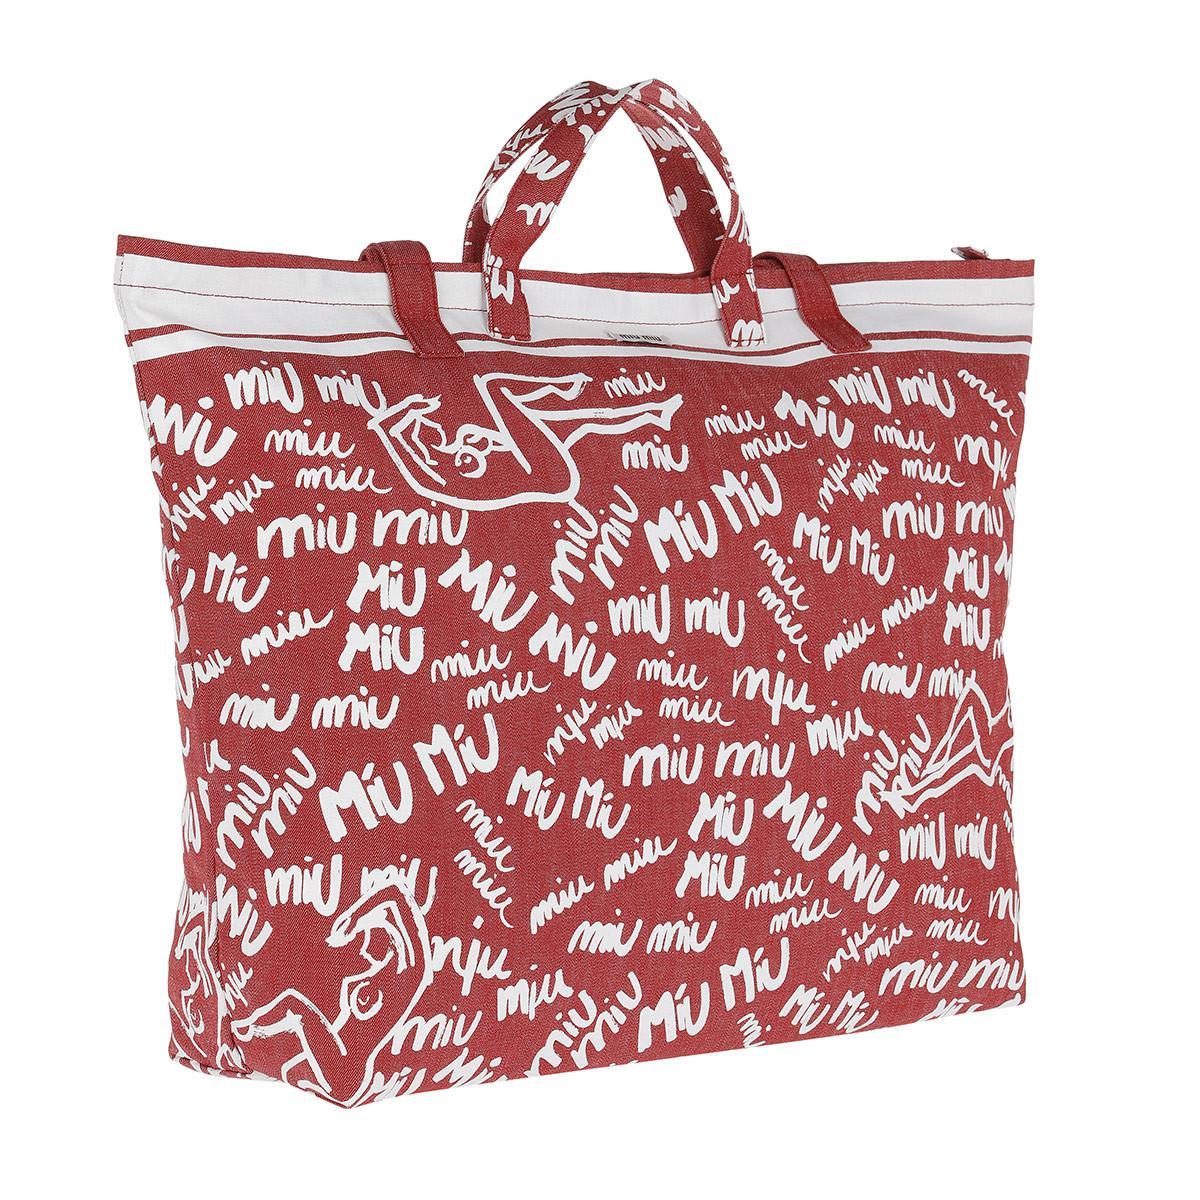 Miu Miu Scribble Print Canvas Tote Rosso bianco in Red - Save ... bdf55160a8